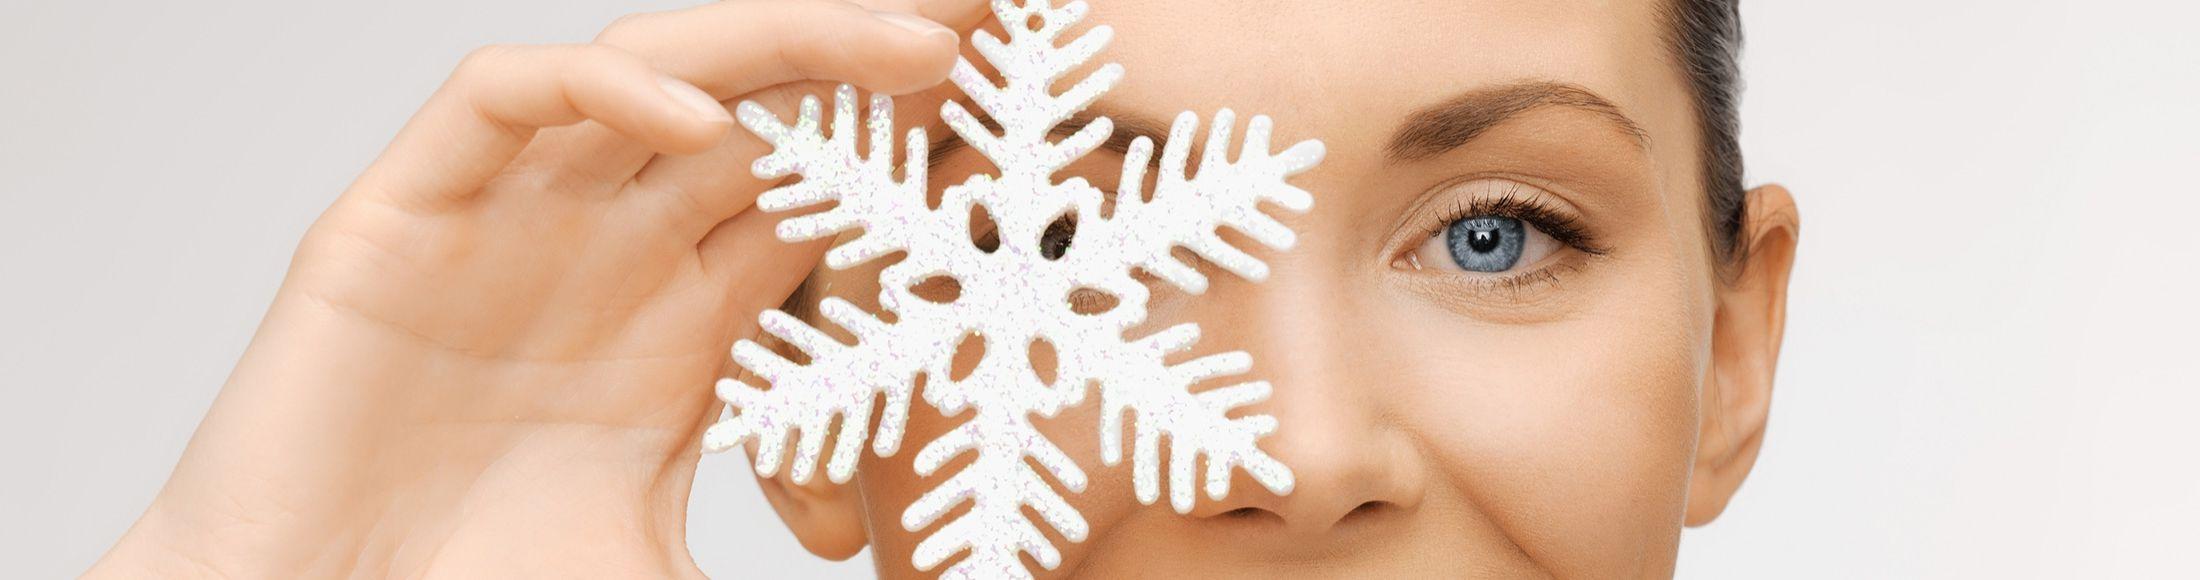 Beauty Secrets: Winter Skin is In